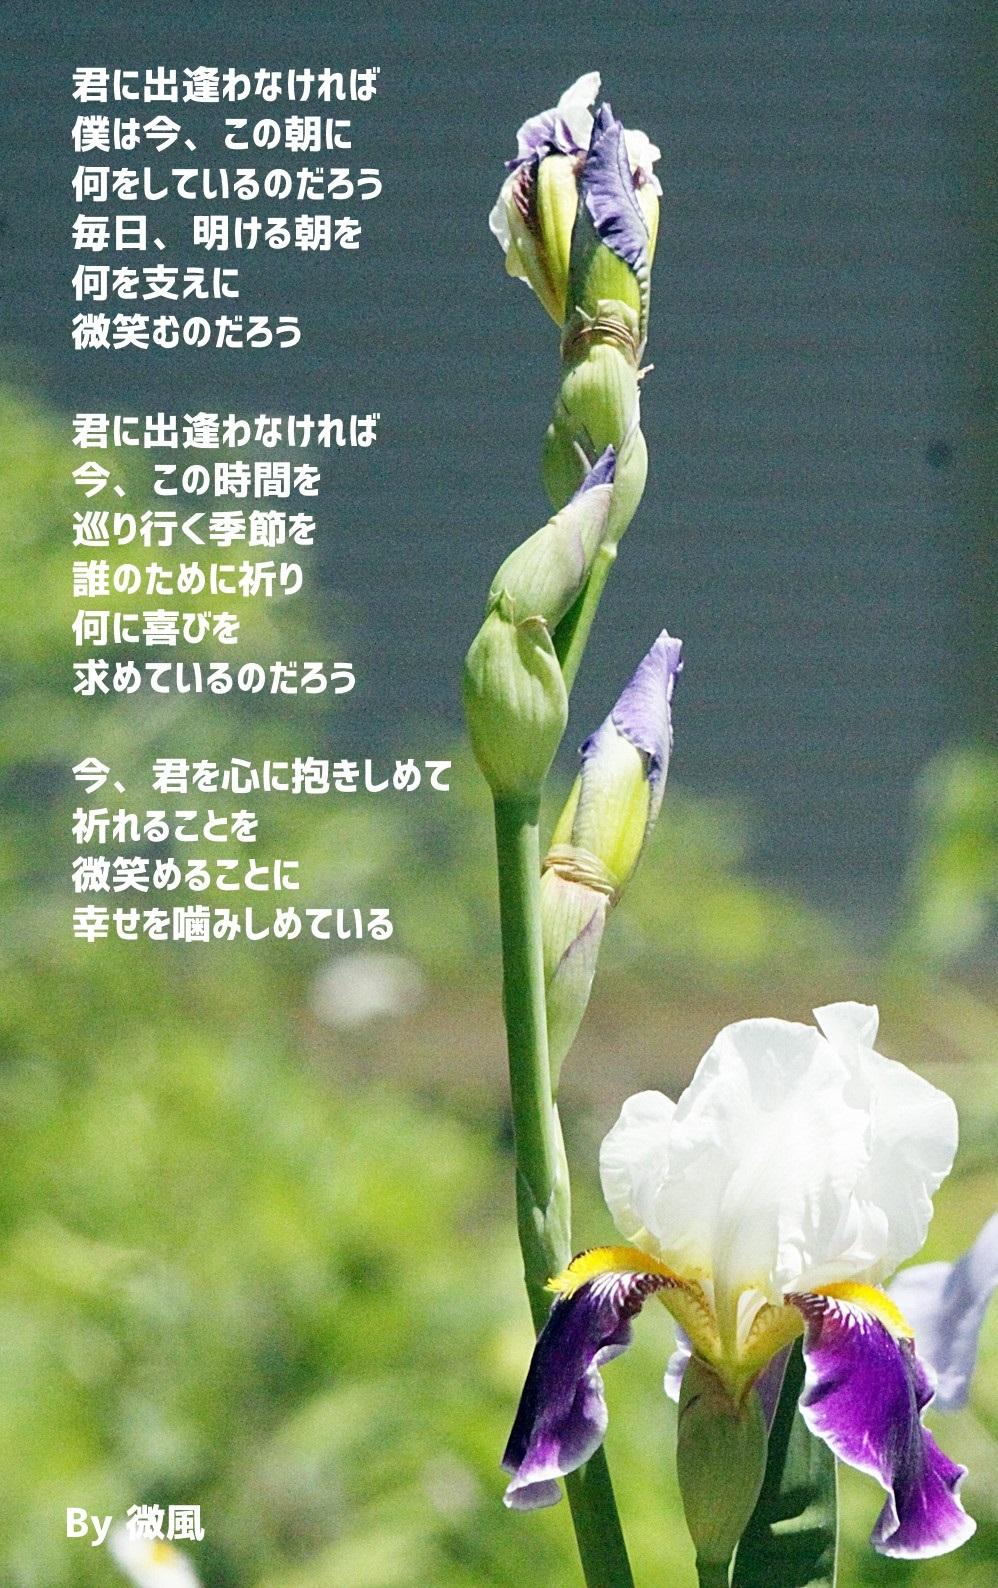 2017-05-20-b.jpg